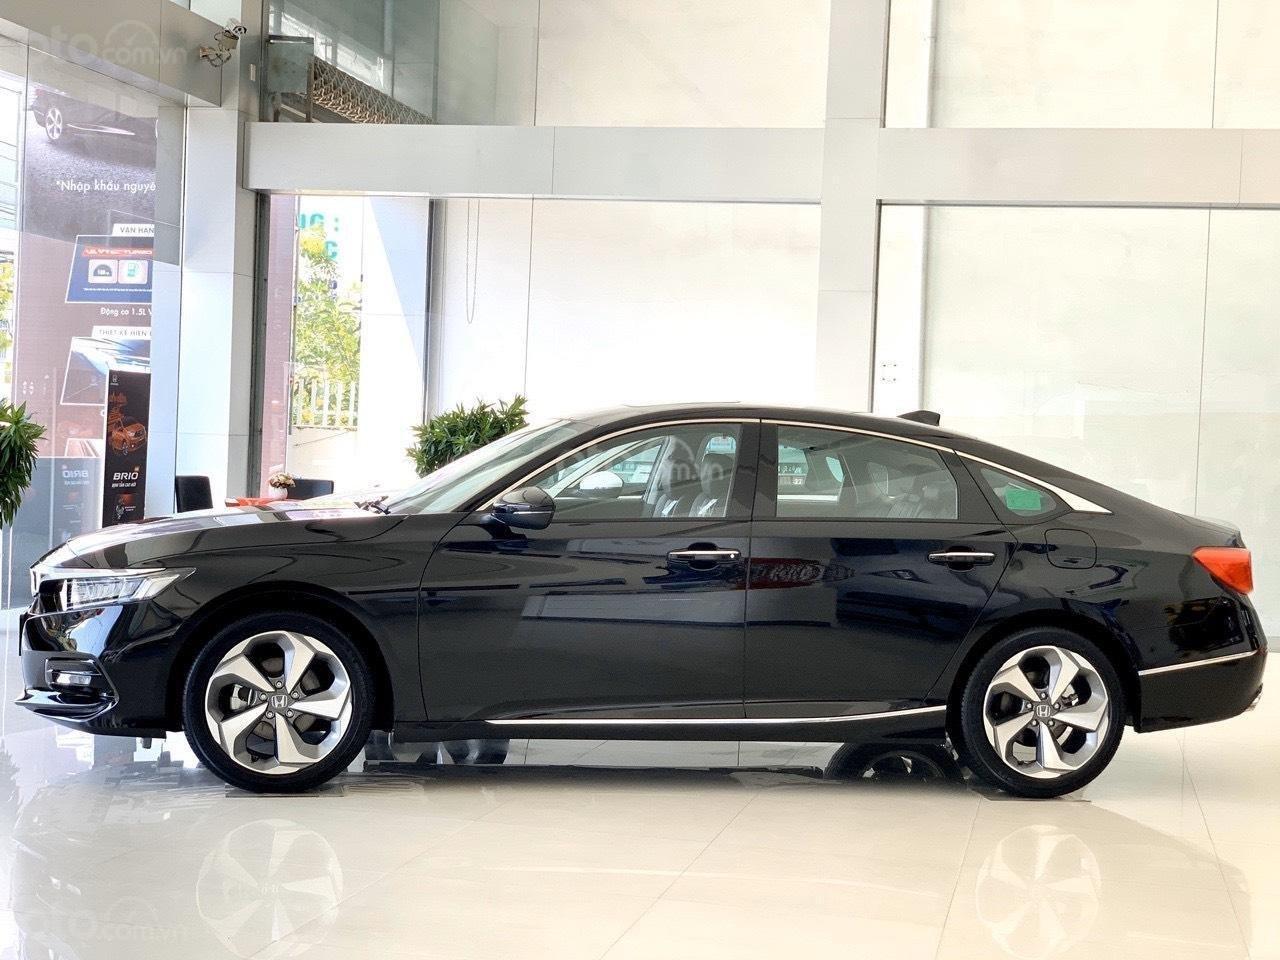 Honda Accord giảm ngay 120tr tiền mặt - ưu đãi và quà tặng hấp dẫn - hỗ trợ trả góp lãi suất ưu đãi (3)